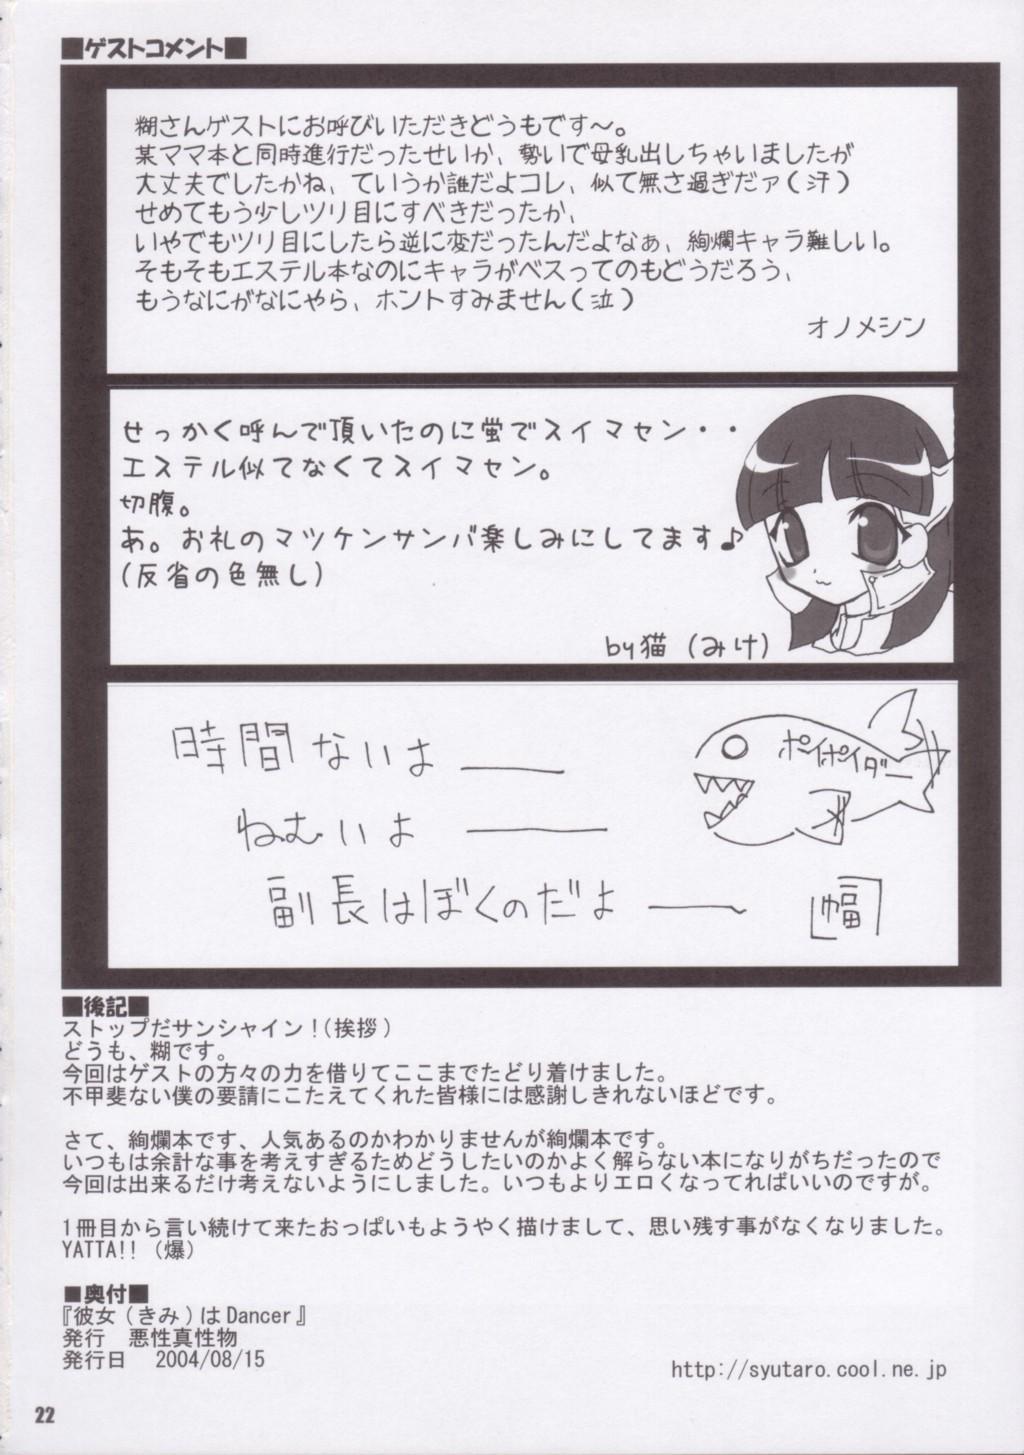 Kimi wa Dancer 20